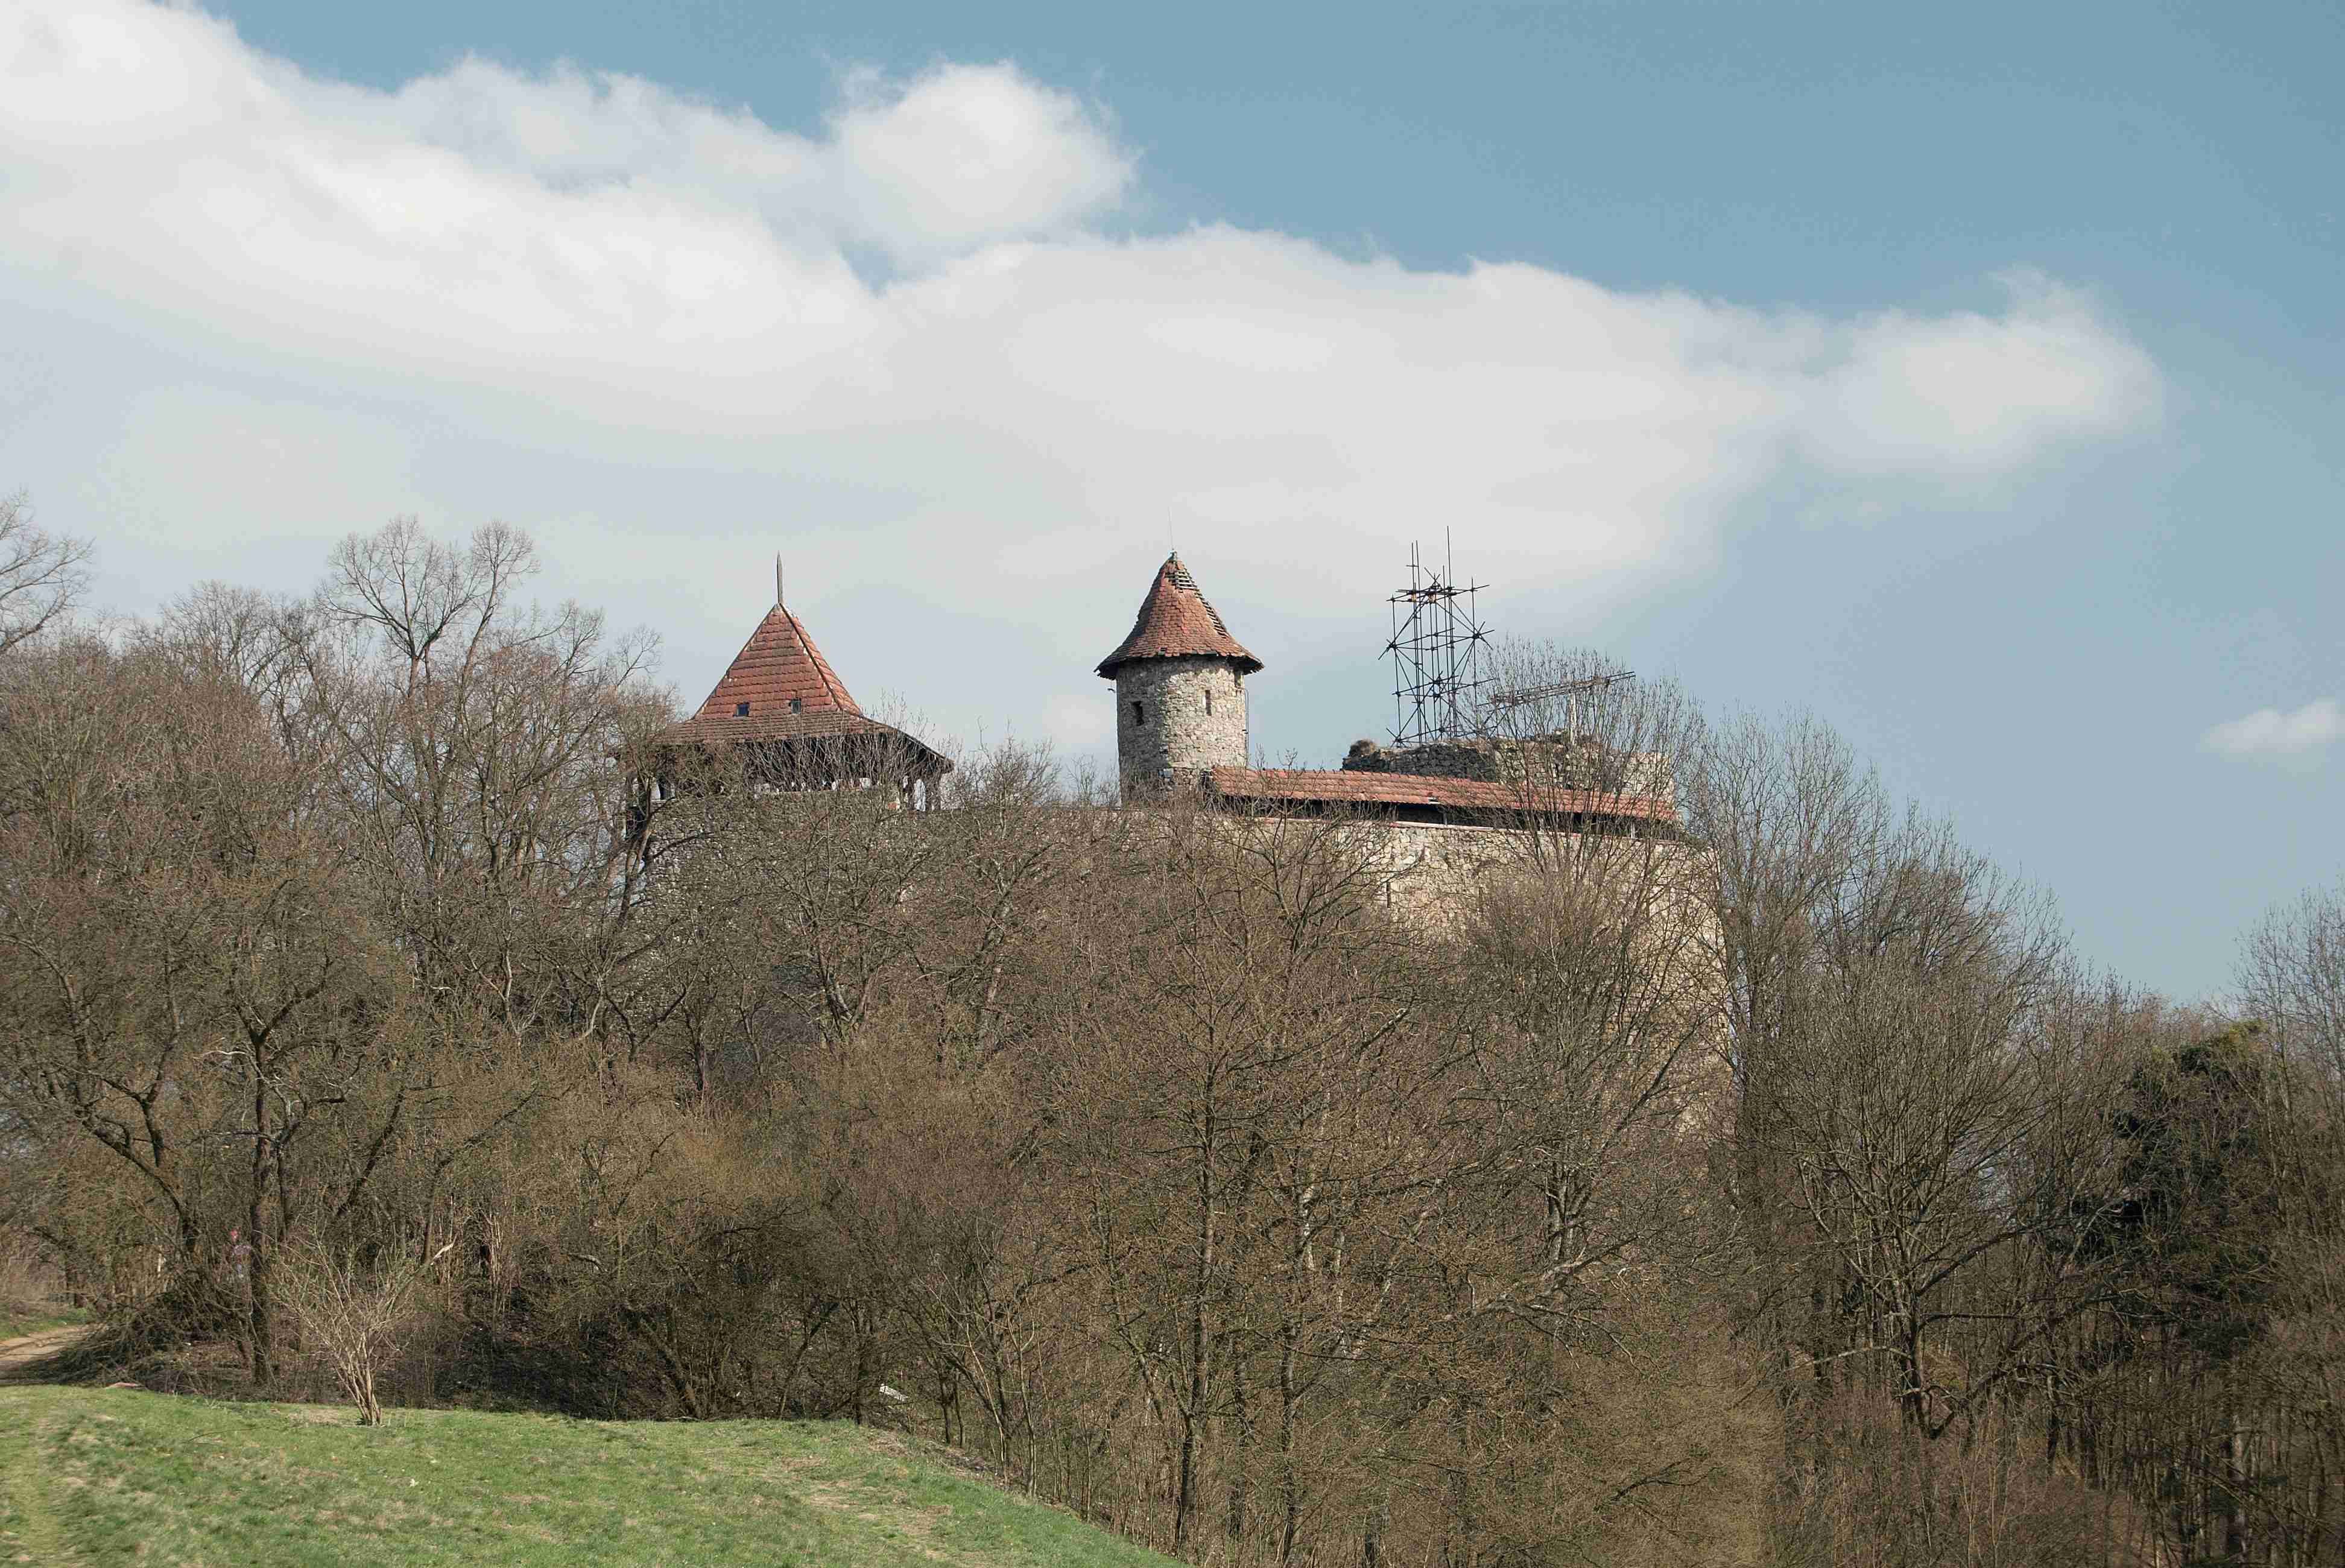 Pohled na Nový Hrad od severozápadu (převzato z Wikimedia Commons)